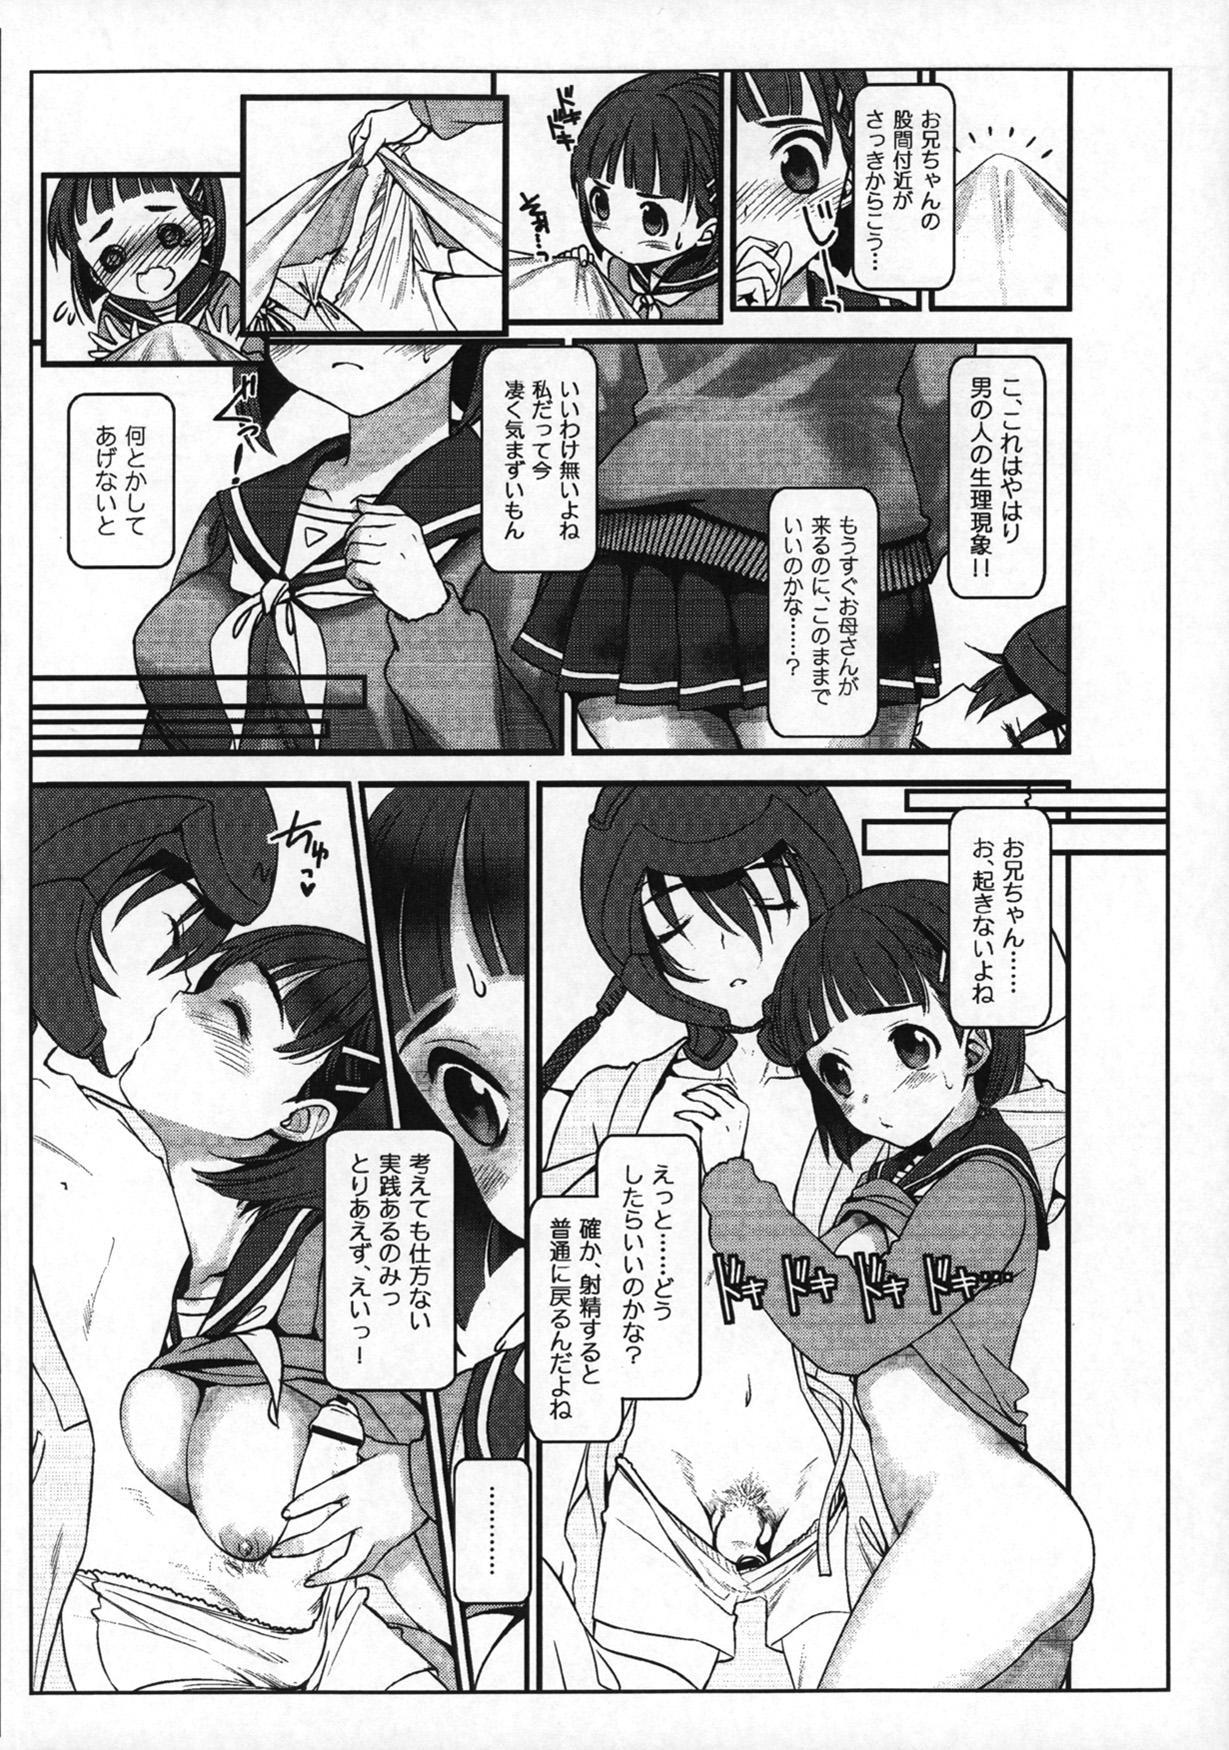 Oniichan dakedo Itoko dakara ♥ Kozukuri shitemo ♥ Mondai naiyone 3